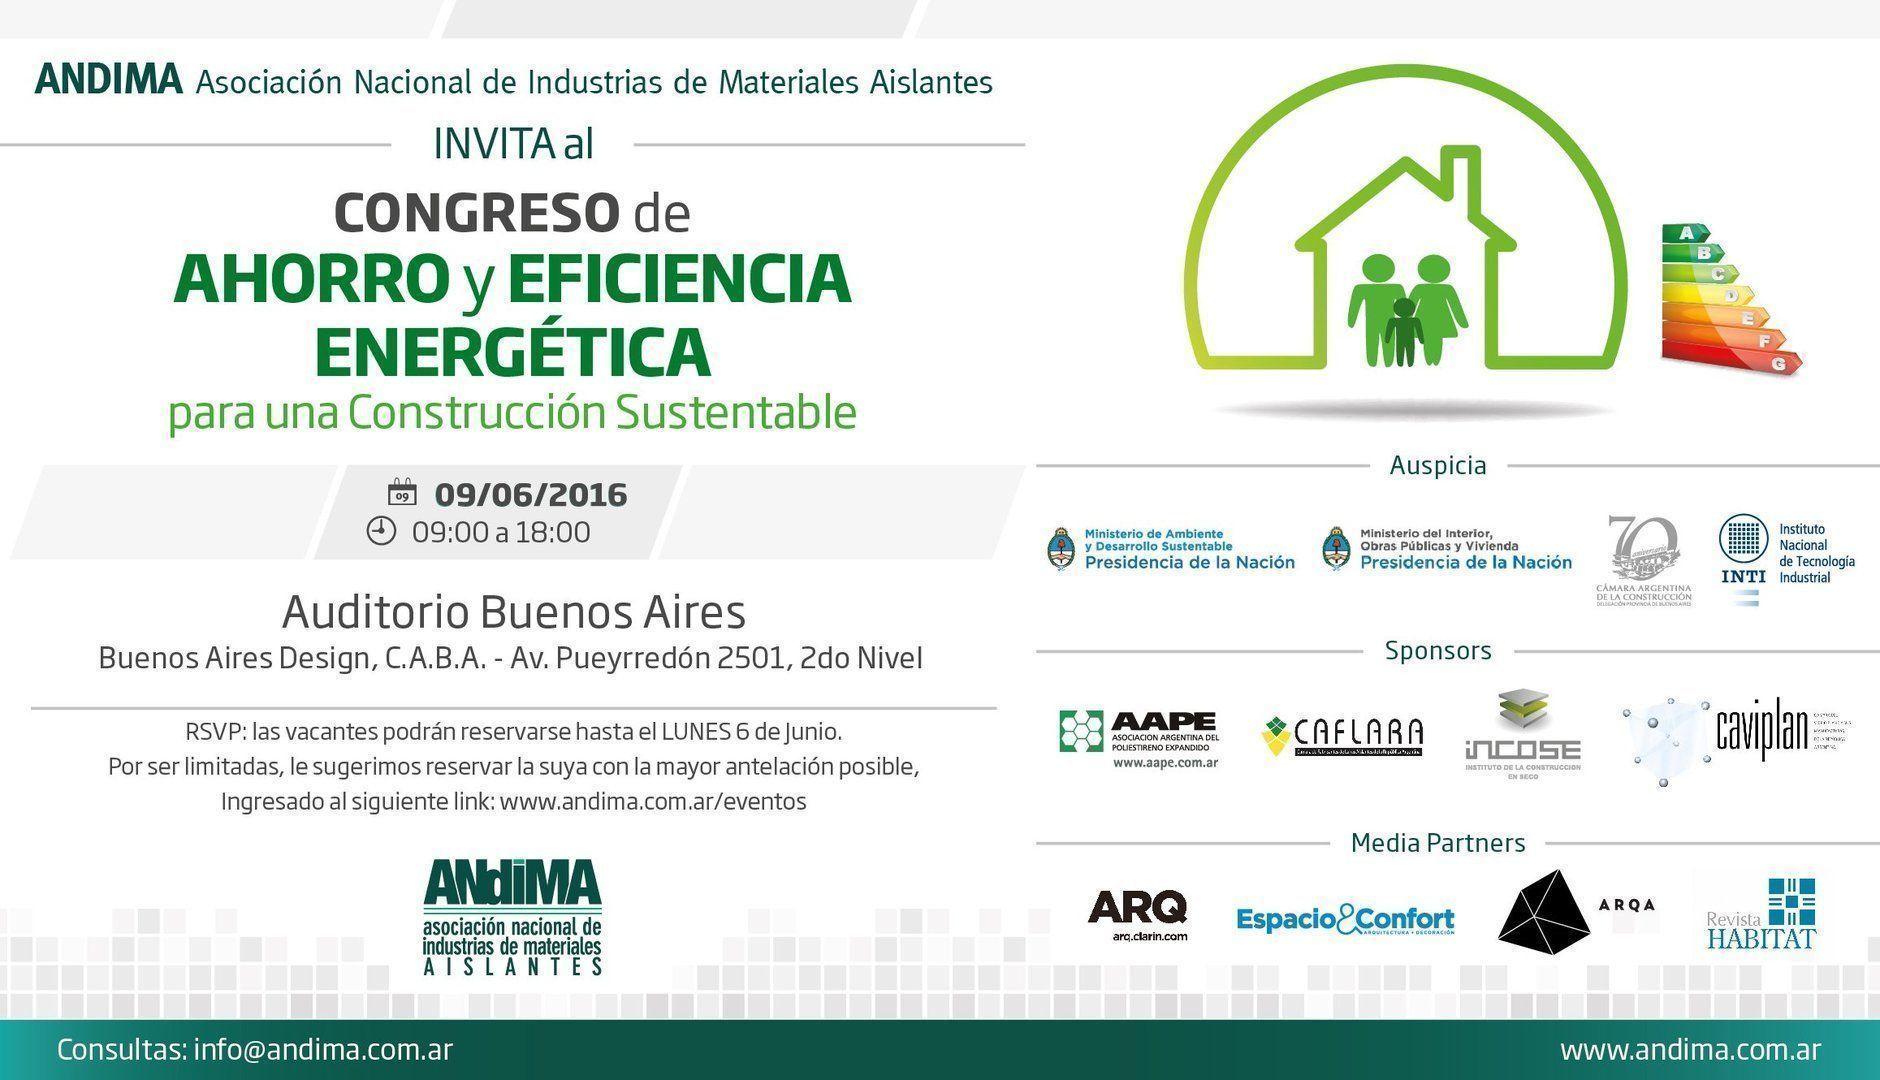 ANDIMA Invitacion 20May16